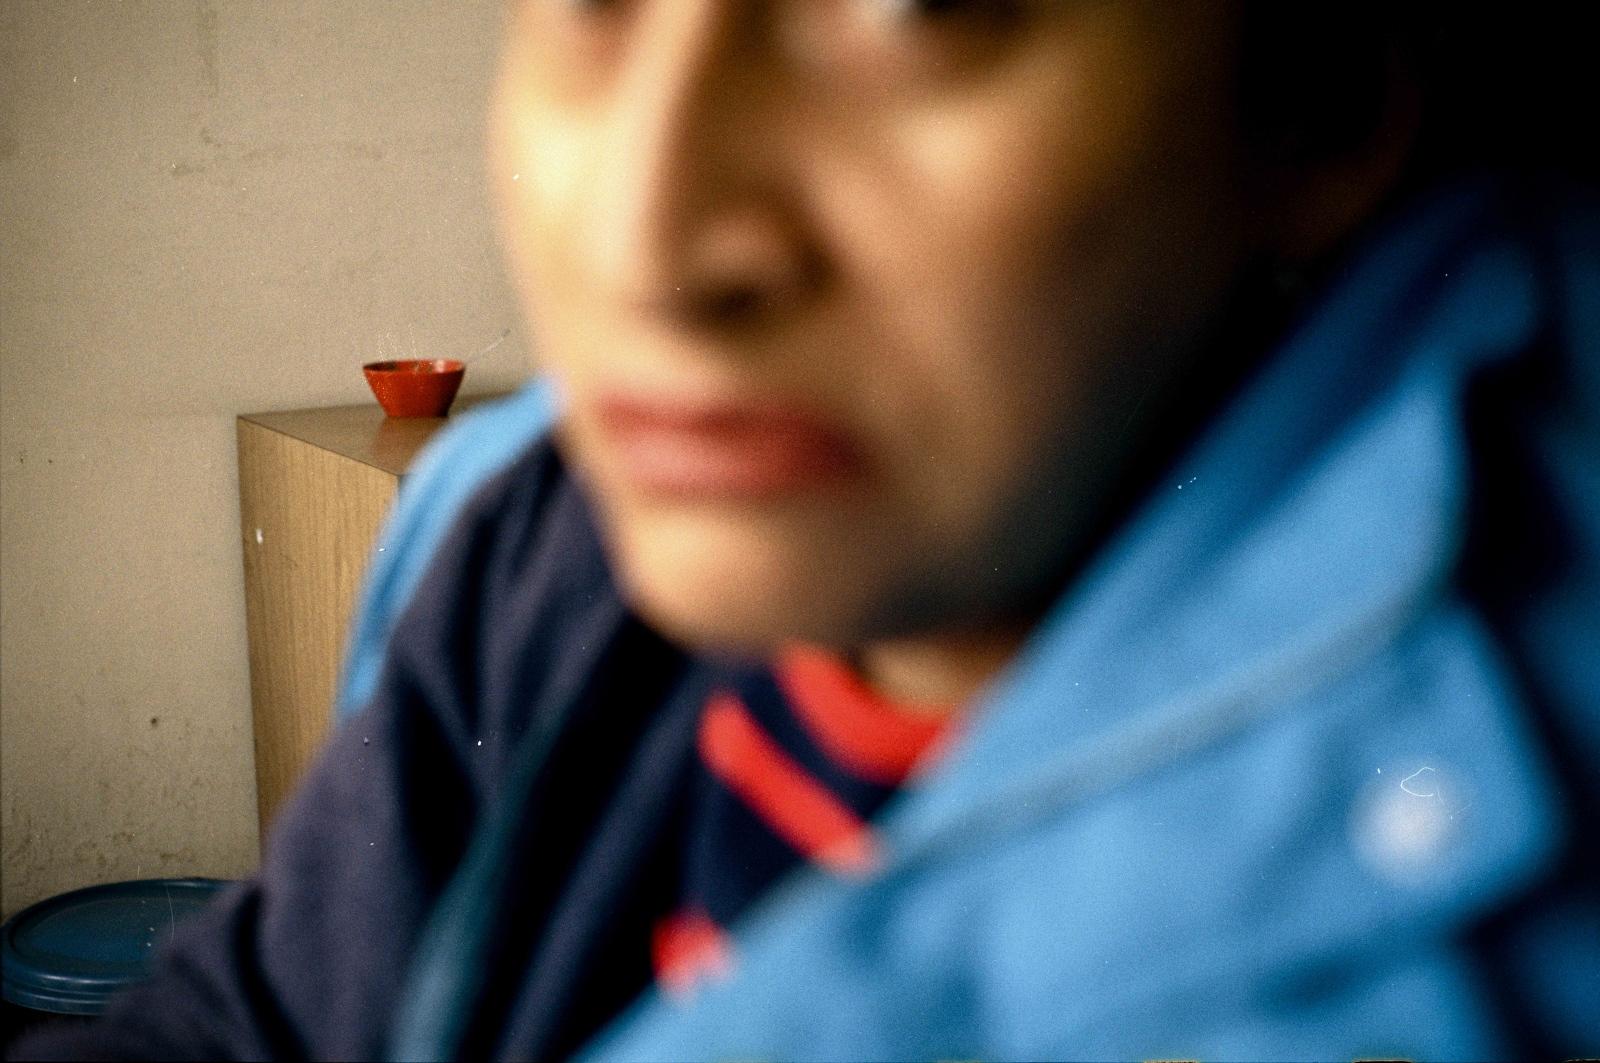 Una lideresa social posa para un retrato en el Sur de Bogotá. Luego de que unos de sus hijos fuera asesinado en lo que parece fue una disputa entre bandas decidió trabajar para mejorar las condiciones de vida de los jóvenes de su localidad. Desde entonces ha sido amenazada en varias ocasiones de manera anónima vía telefónica y mensaje de texto.